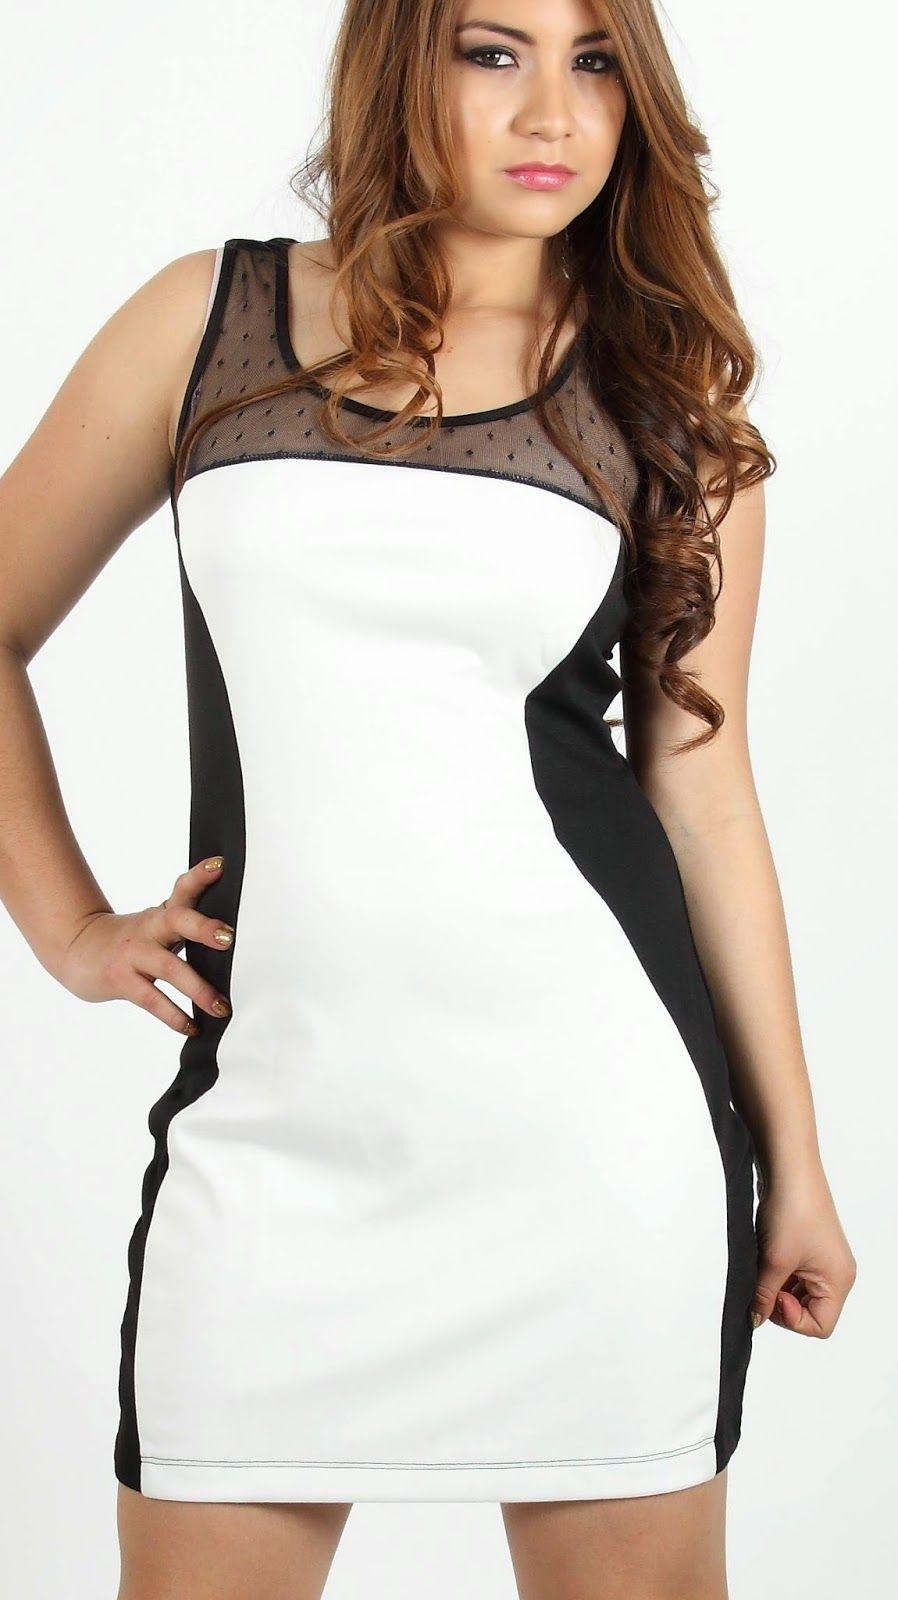 vestidos de fiesta en patronato vestidos que cautivan y enamoran a un buen precio elegancia